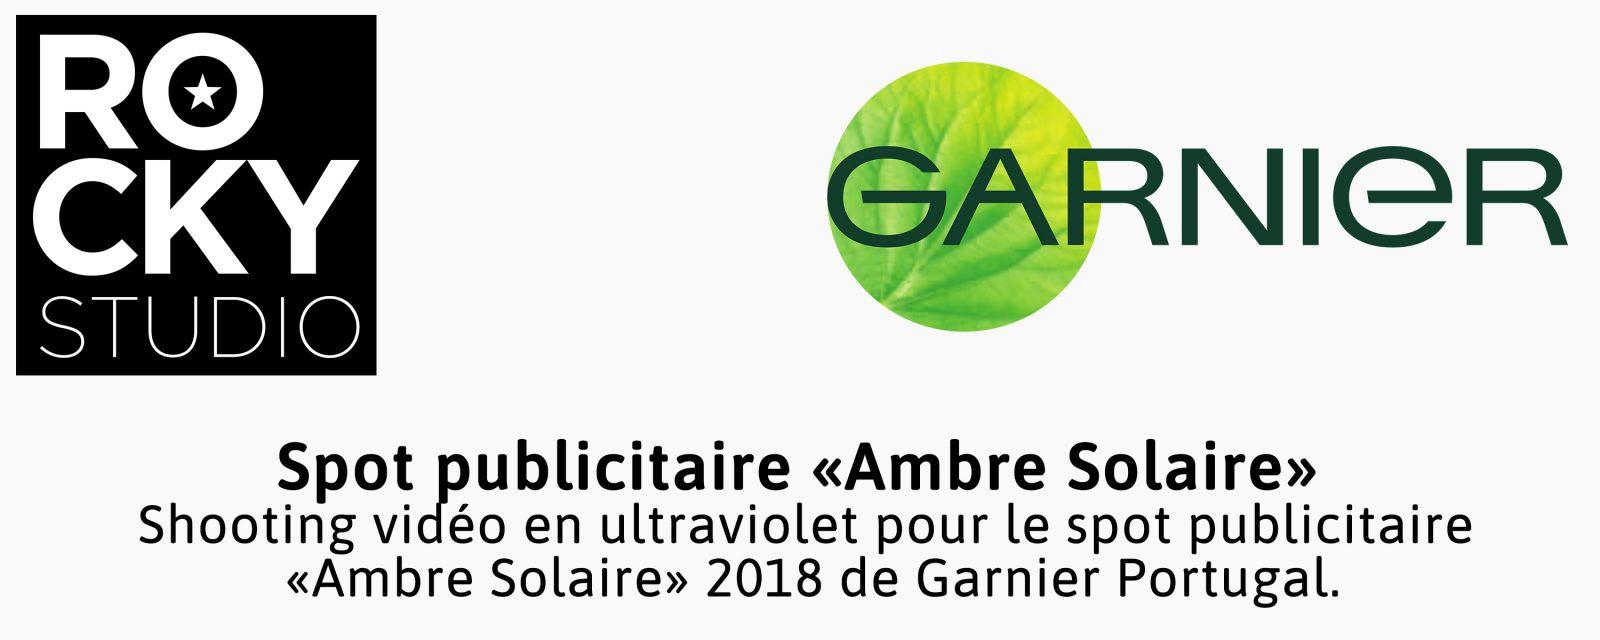 Garnier | Pierre-Louis Ferrer Photographie | Réalisations clients